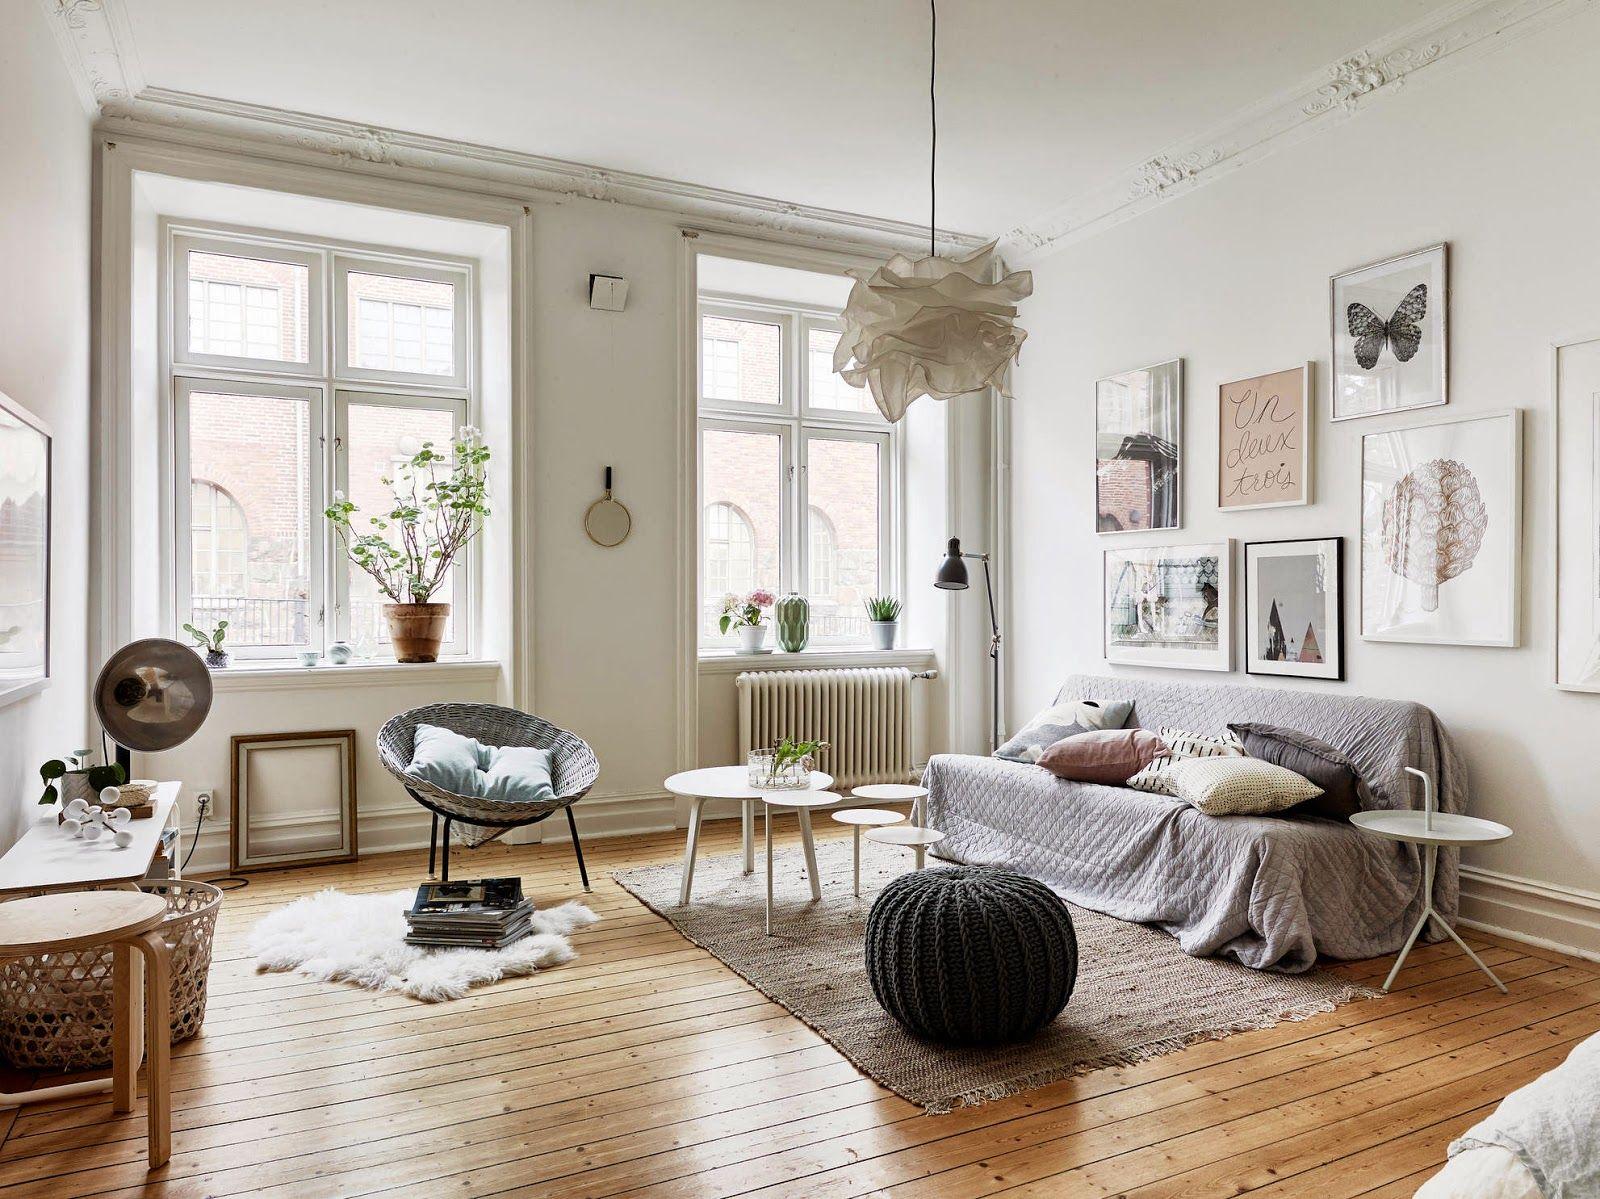 Scandinavisch Pastel Interieur : Swedish home un petit cocon pastel la petite fabrique de rêves